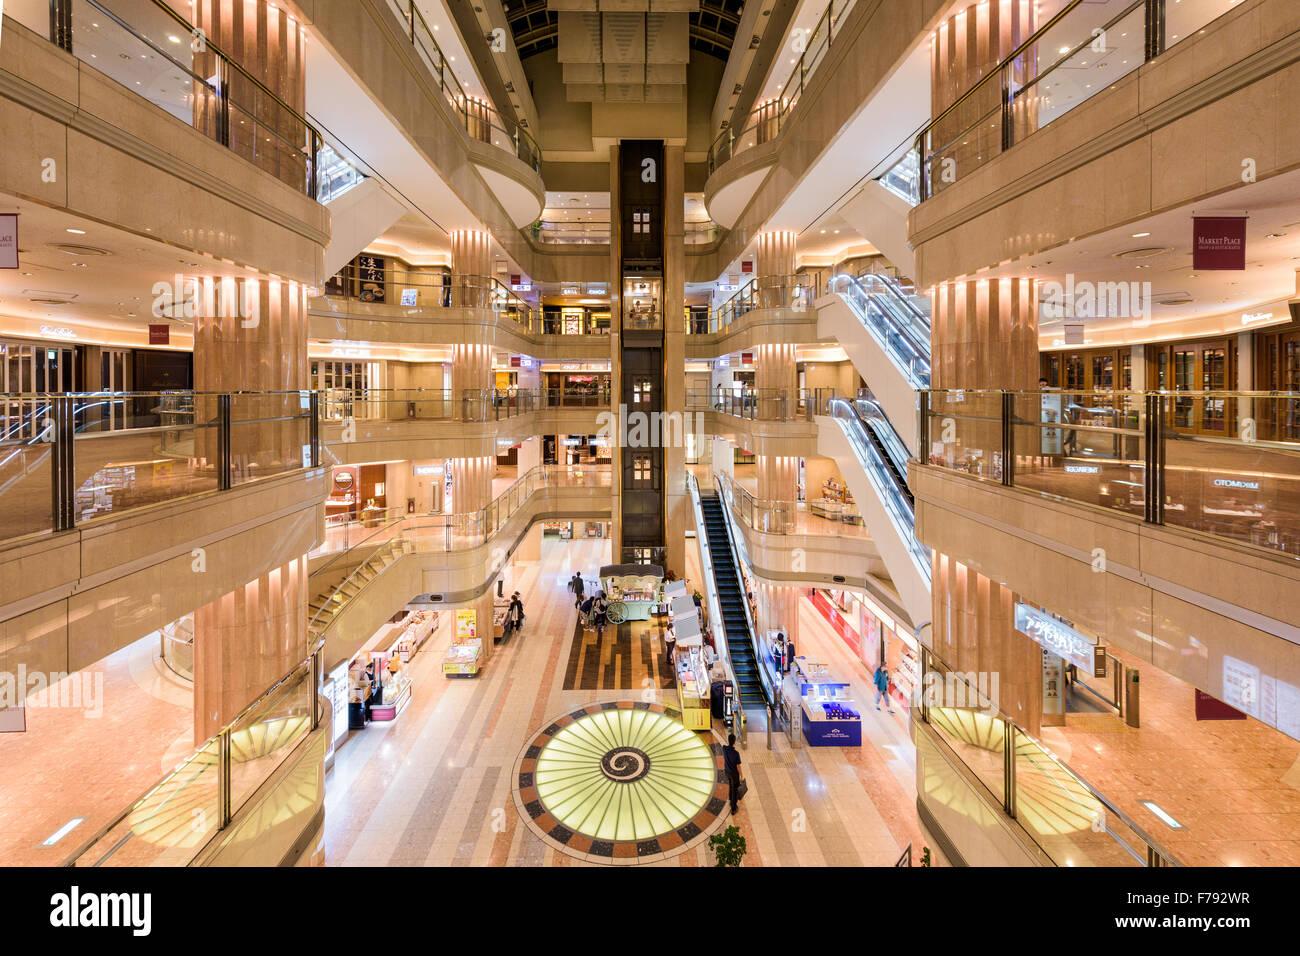 TOKYO, JAPAN - 1. September 2015: Domestic Terminal Mall der Flughafen Tokio-Haneda. Stockbild